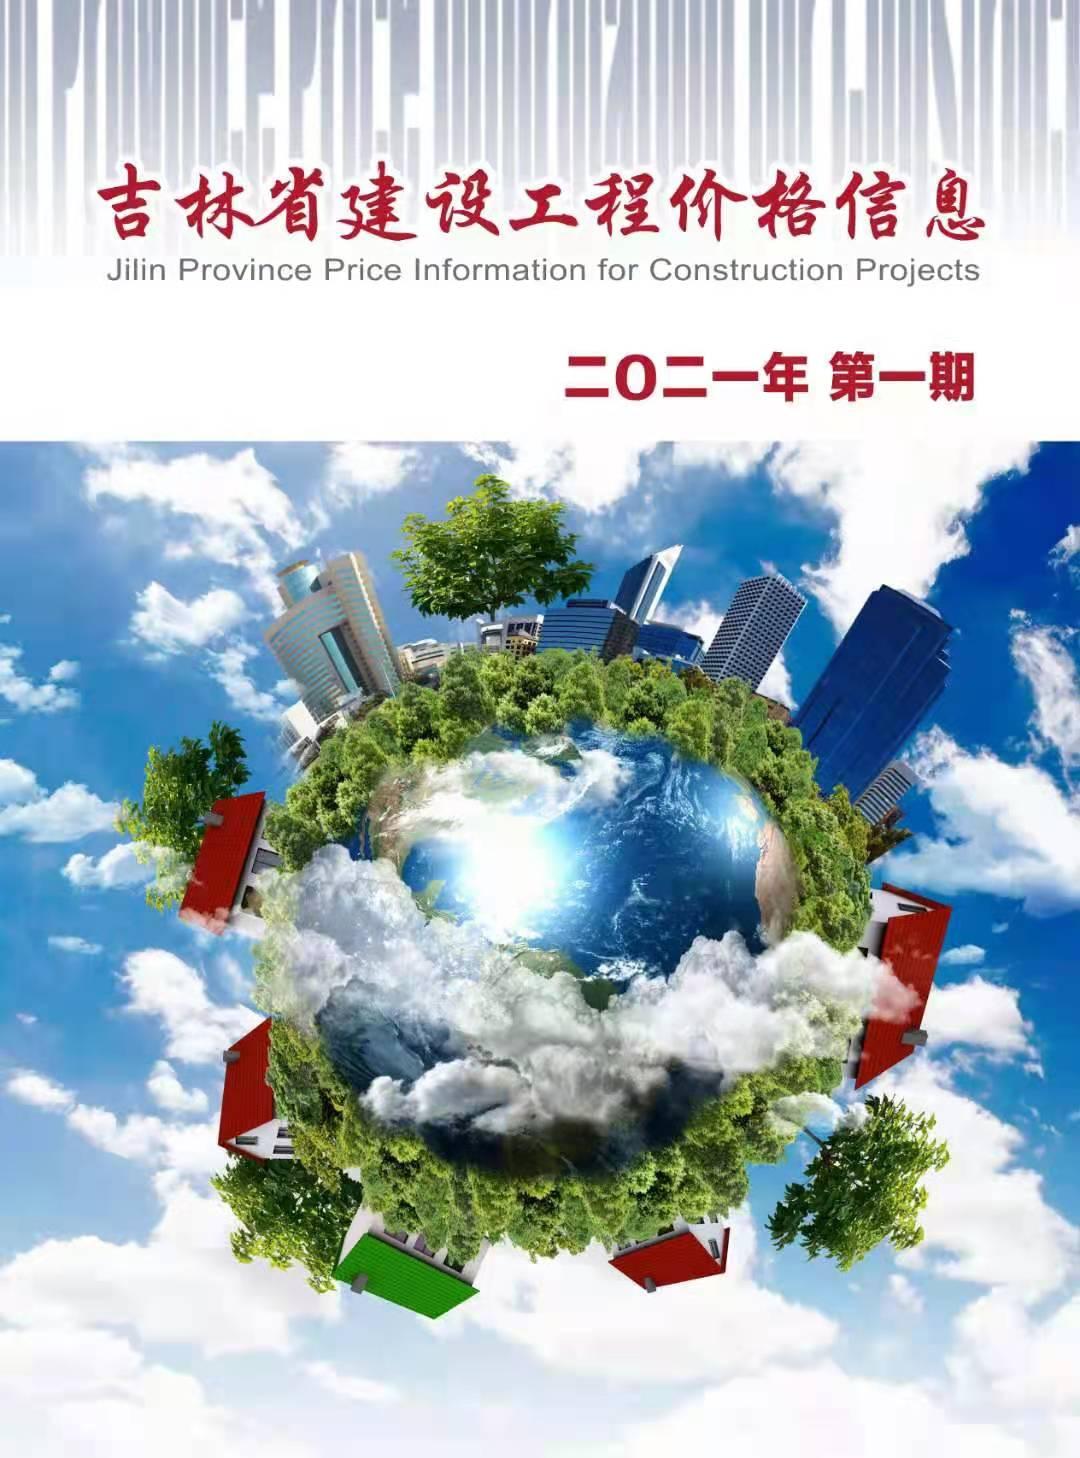 吉林工程造价信息【期刊】(吉林省2021年01月信息价表)